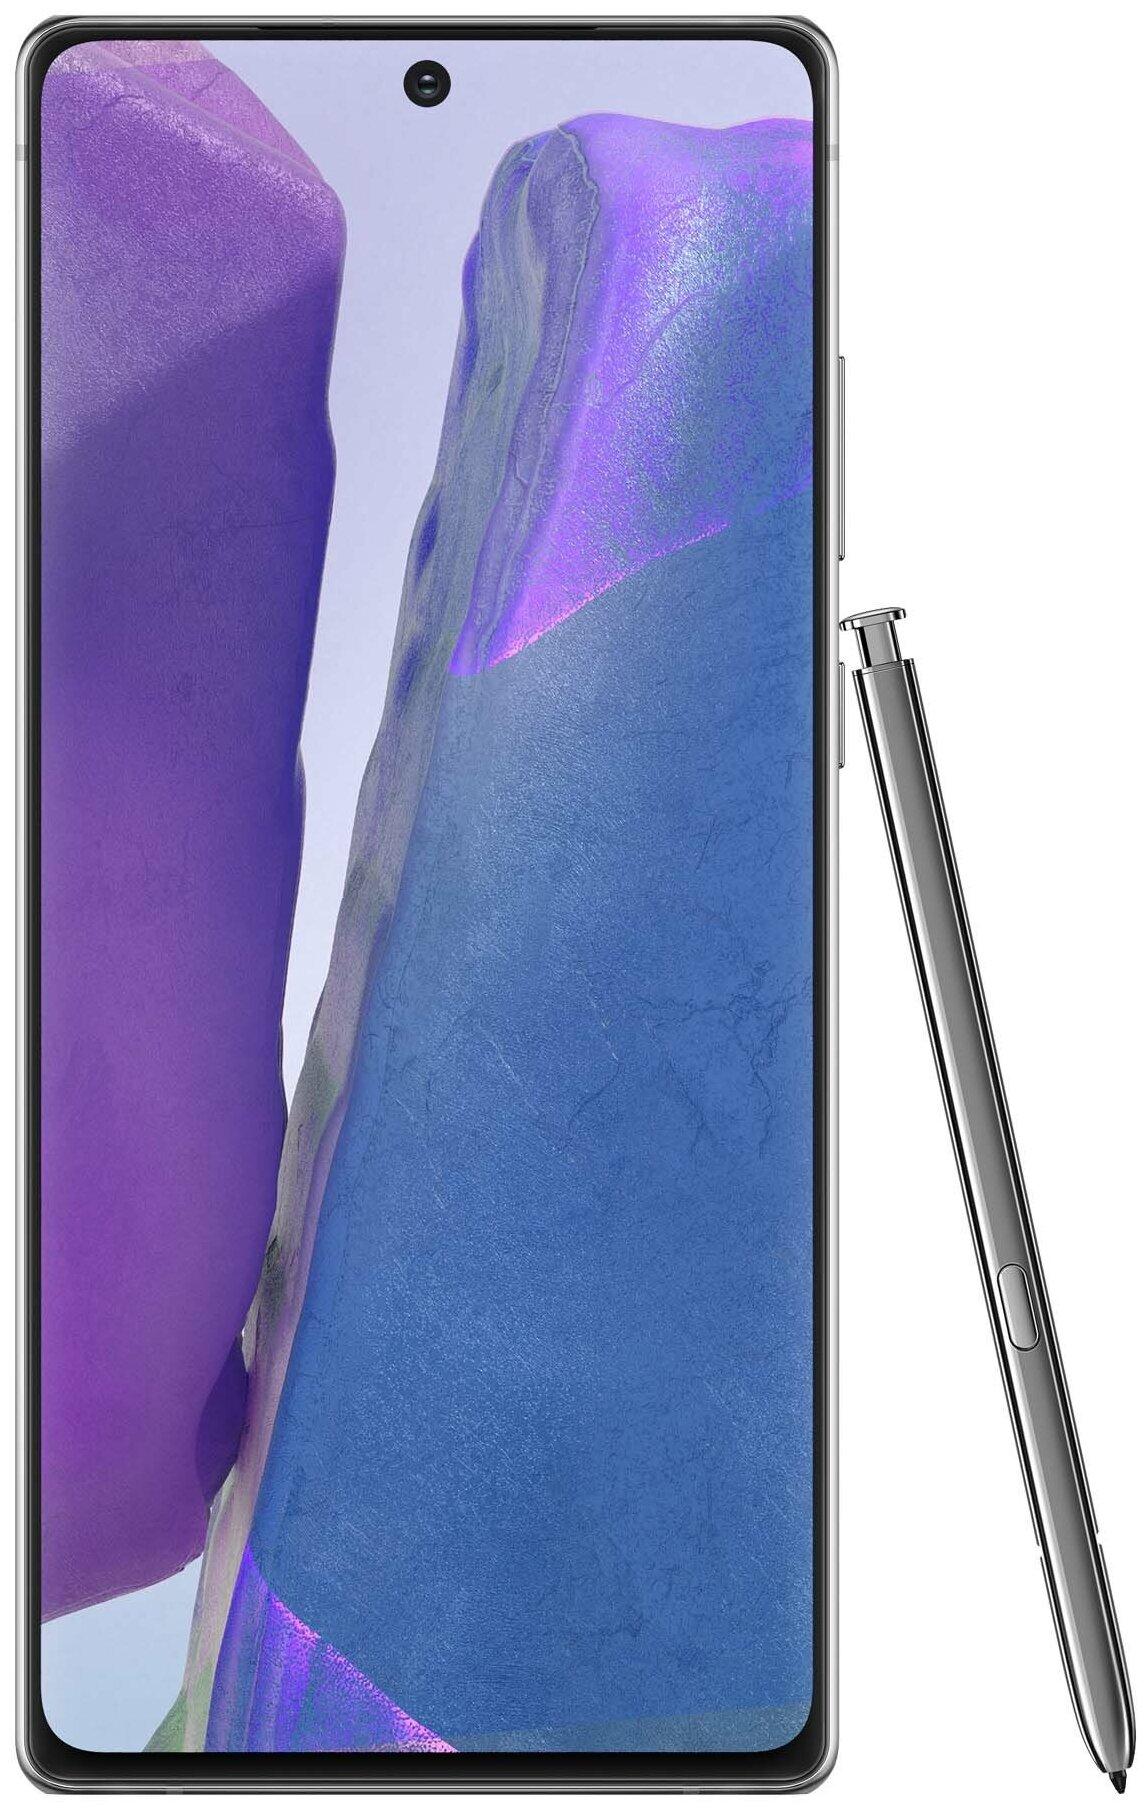 Samsung Galaxy Note 20 8/256GB - память: 256ГБ